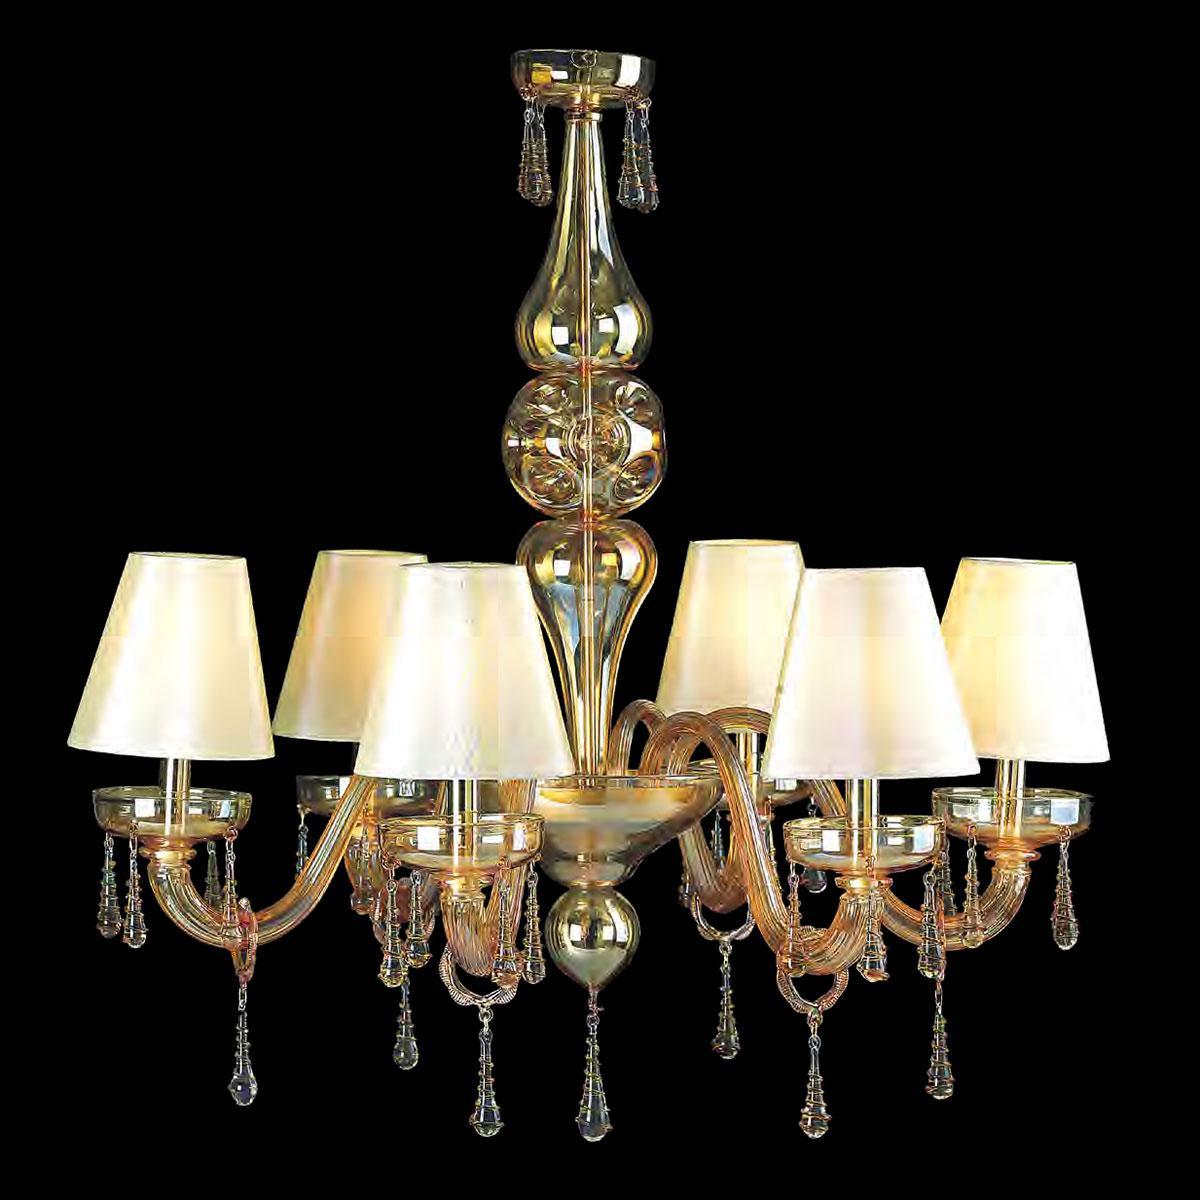 """""""Fabiola"""" lampara de araña de Murano con pantallas - 8 luces - ámbar"""